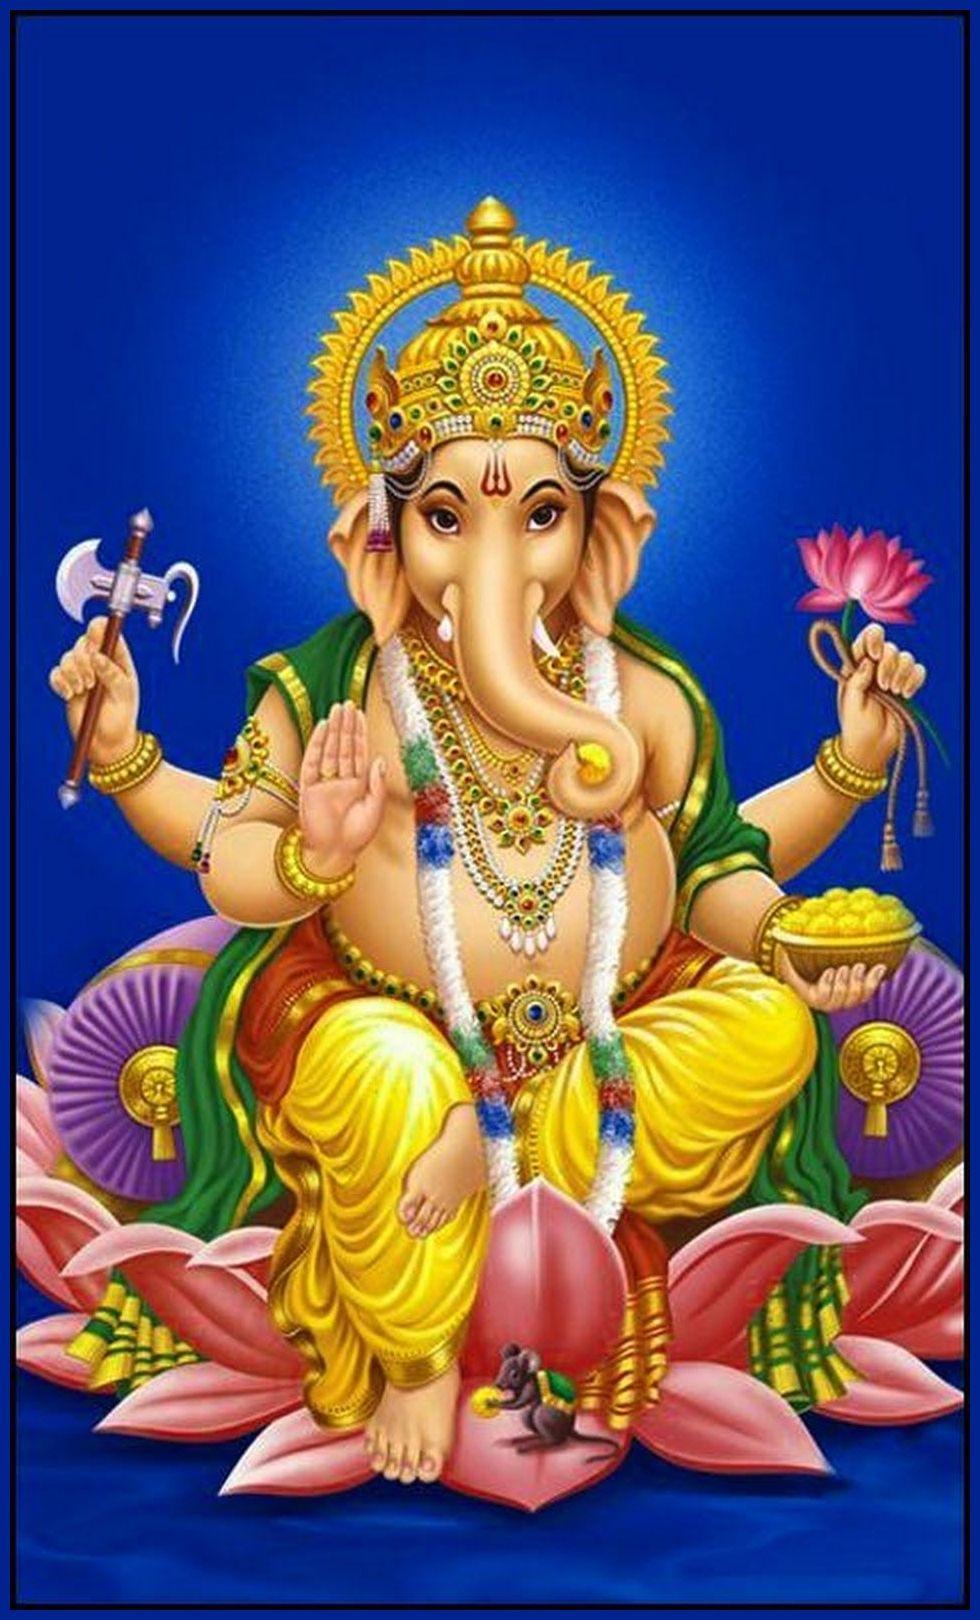 Best Lord Ganesha Vinayagar Pillaiyar Hd Images Wallpapers Ganesh Chaturthi 13 September 2018 Ganesh Images Lord Ganesha Paintings Lord Ganesha